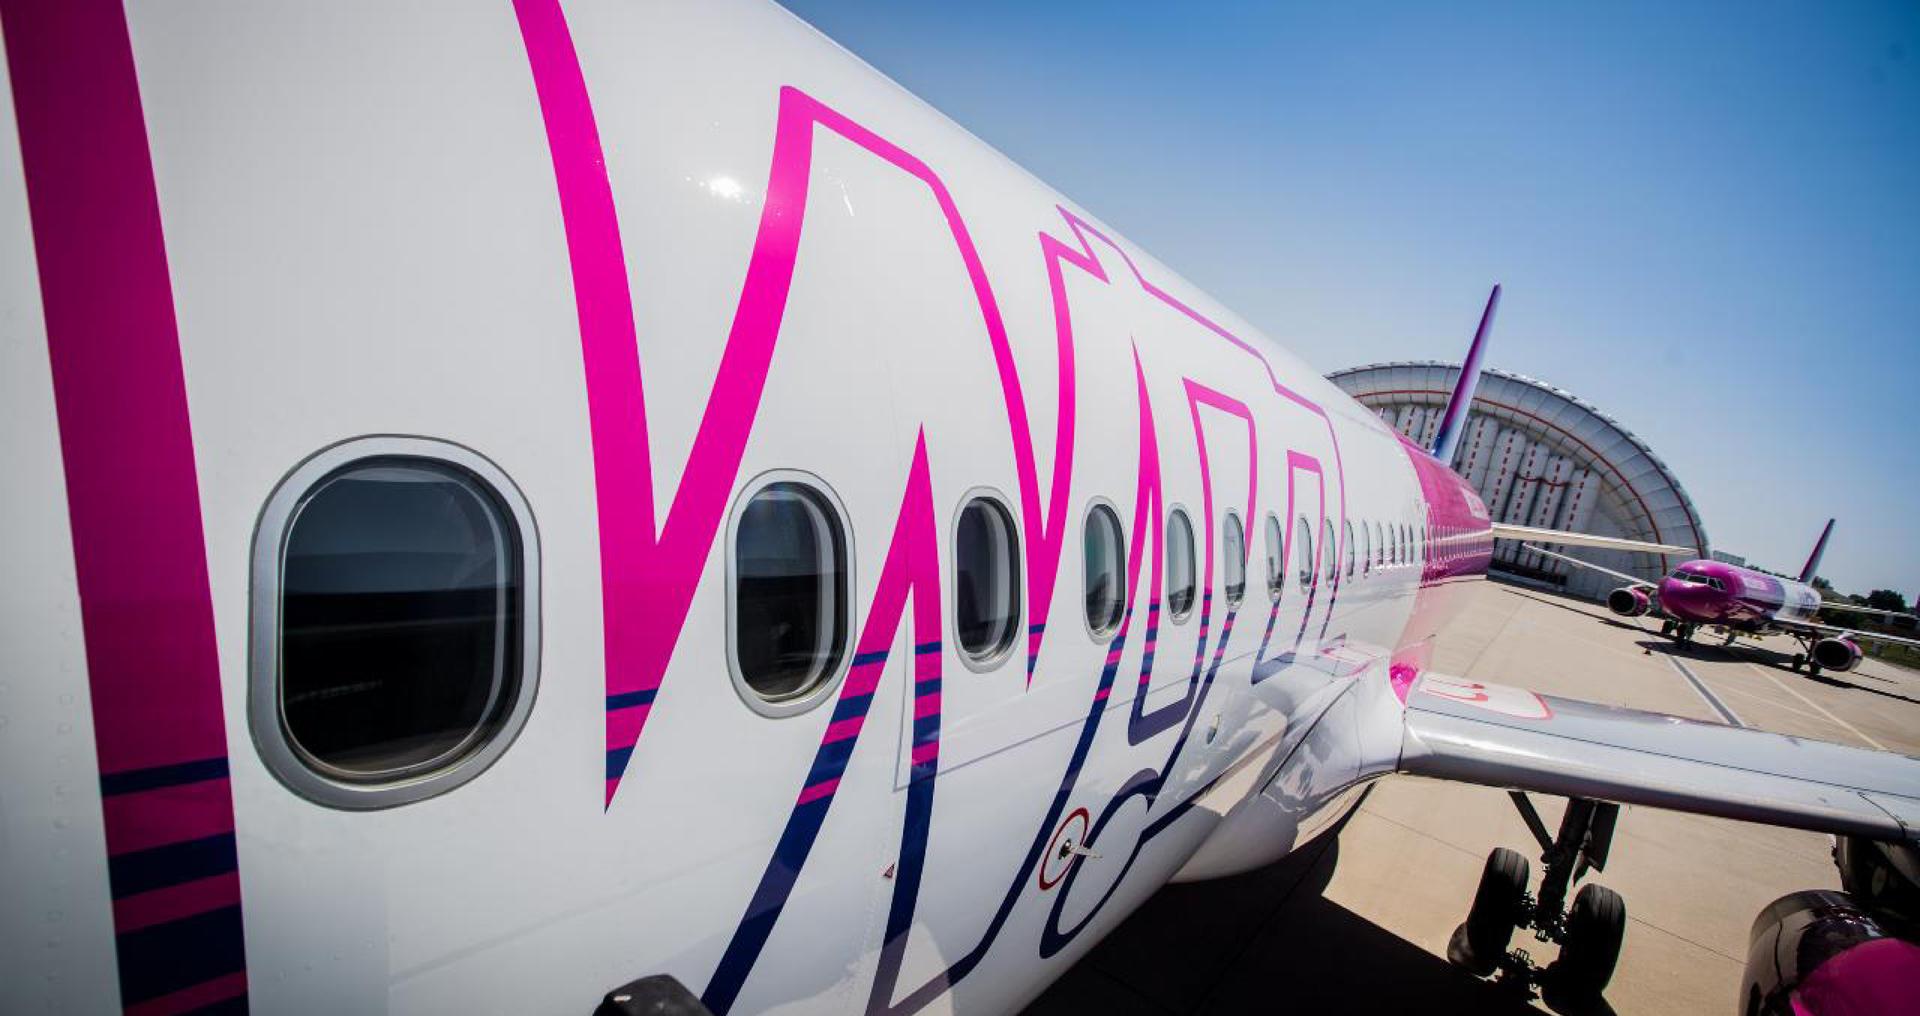 LOVSTRIDIG: Wizz Air vil ikke la sine ansatte organisere seg i en fagforening, noe som strider med den norske grunnloven.